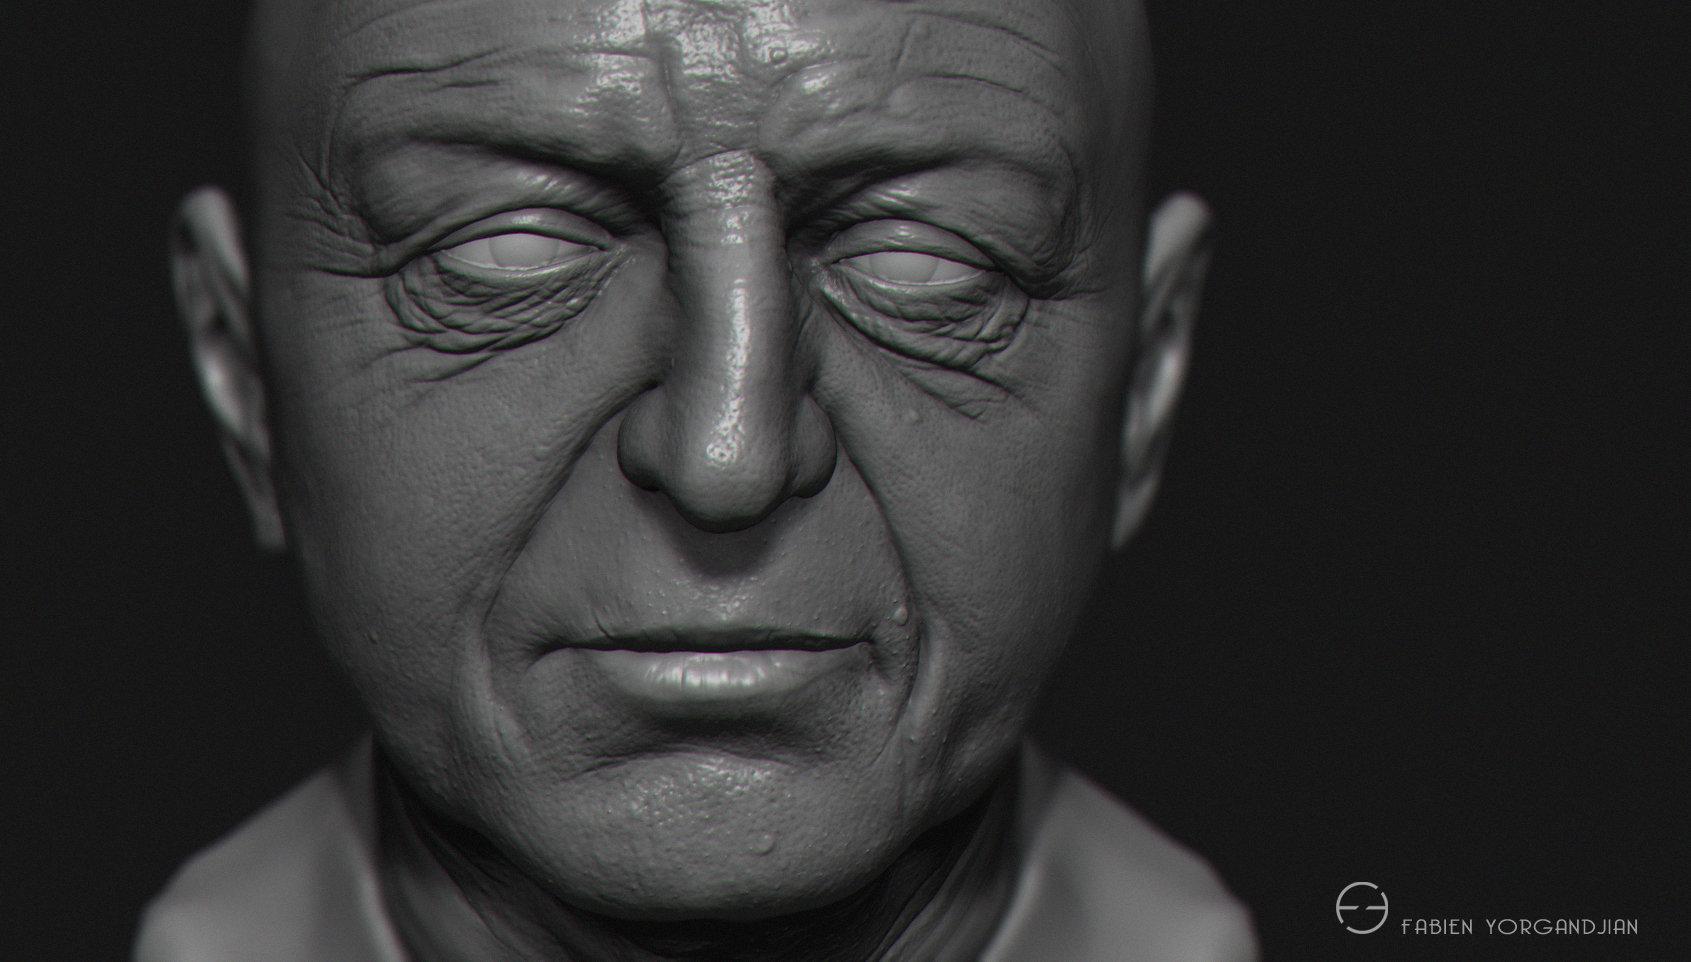 Fabien yorgandjian oldboxer head closeup